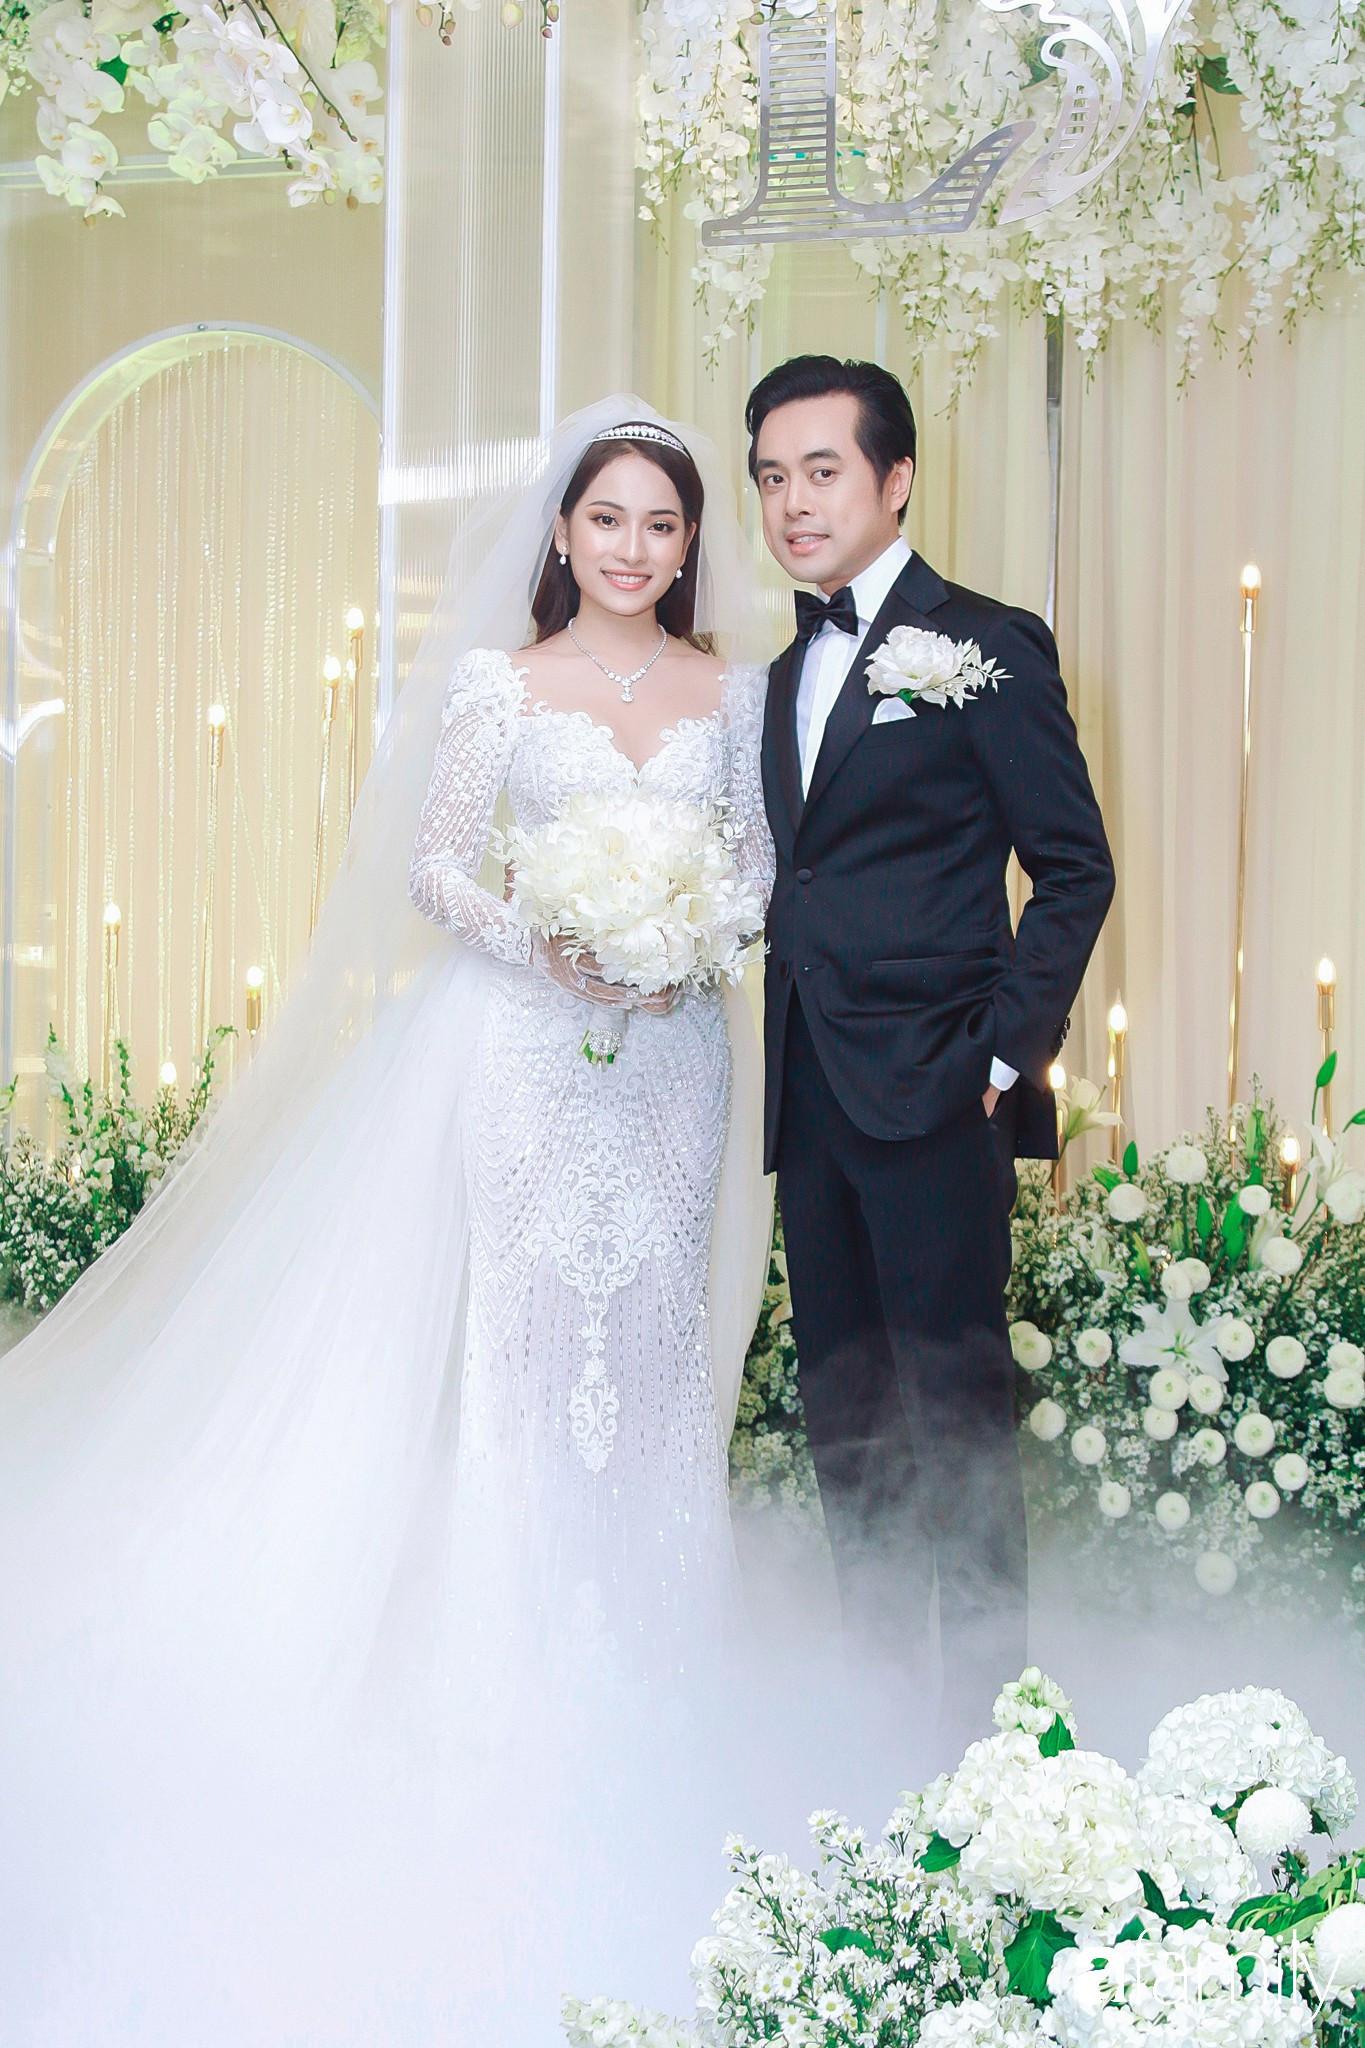 Dương Khắc Linh - Sara Lưu sau đám cưới cổ tích: Anh sẽ thay em nấu ăn, làm việc nhà, anh thương em hy sinh sự nghiệp vì anh